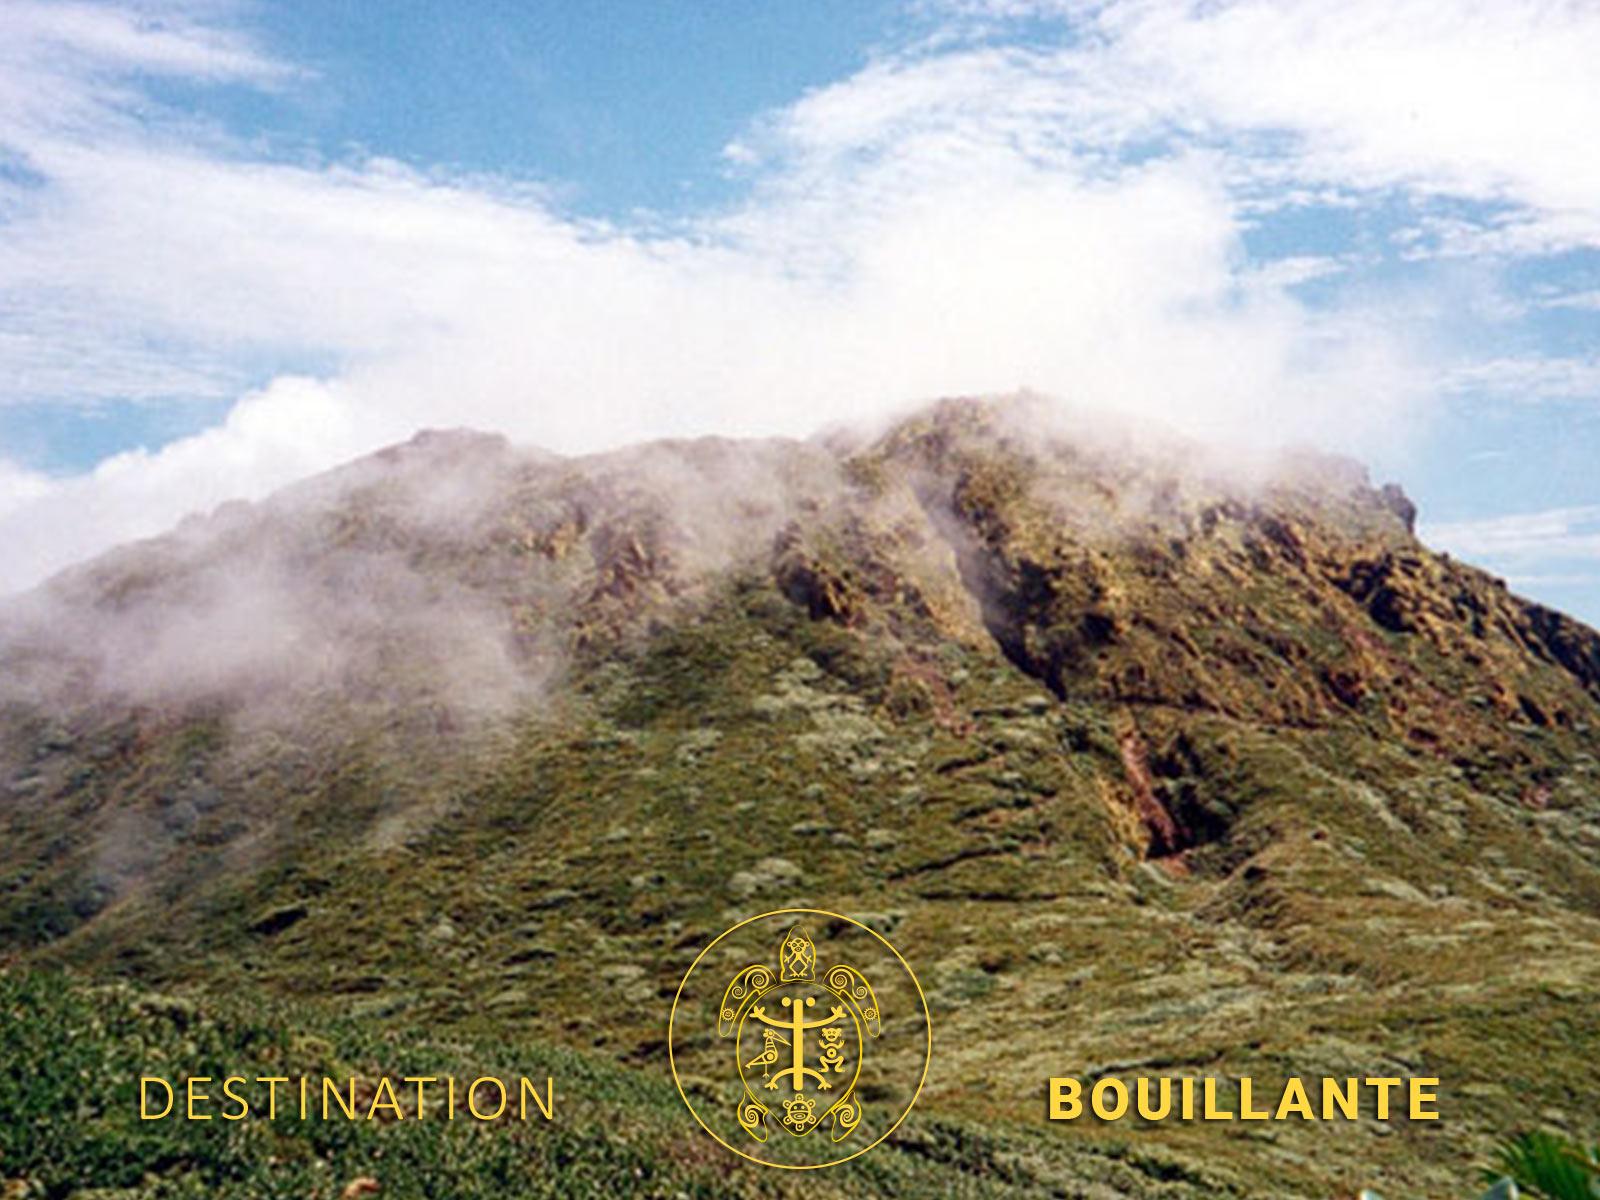 Volcan de La Soufière